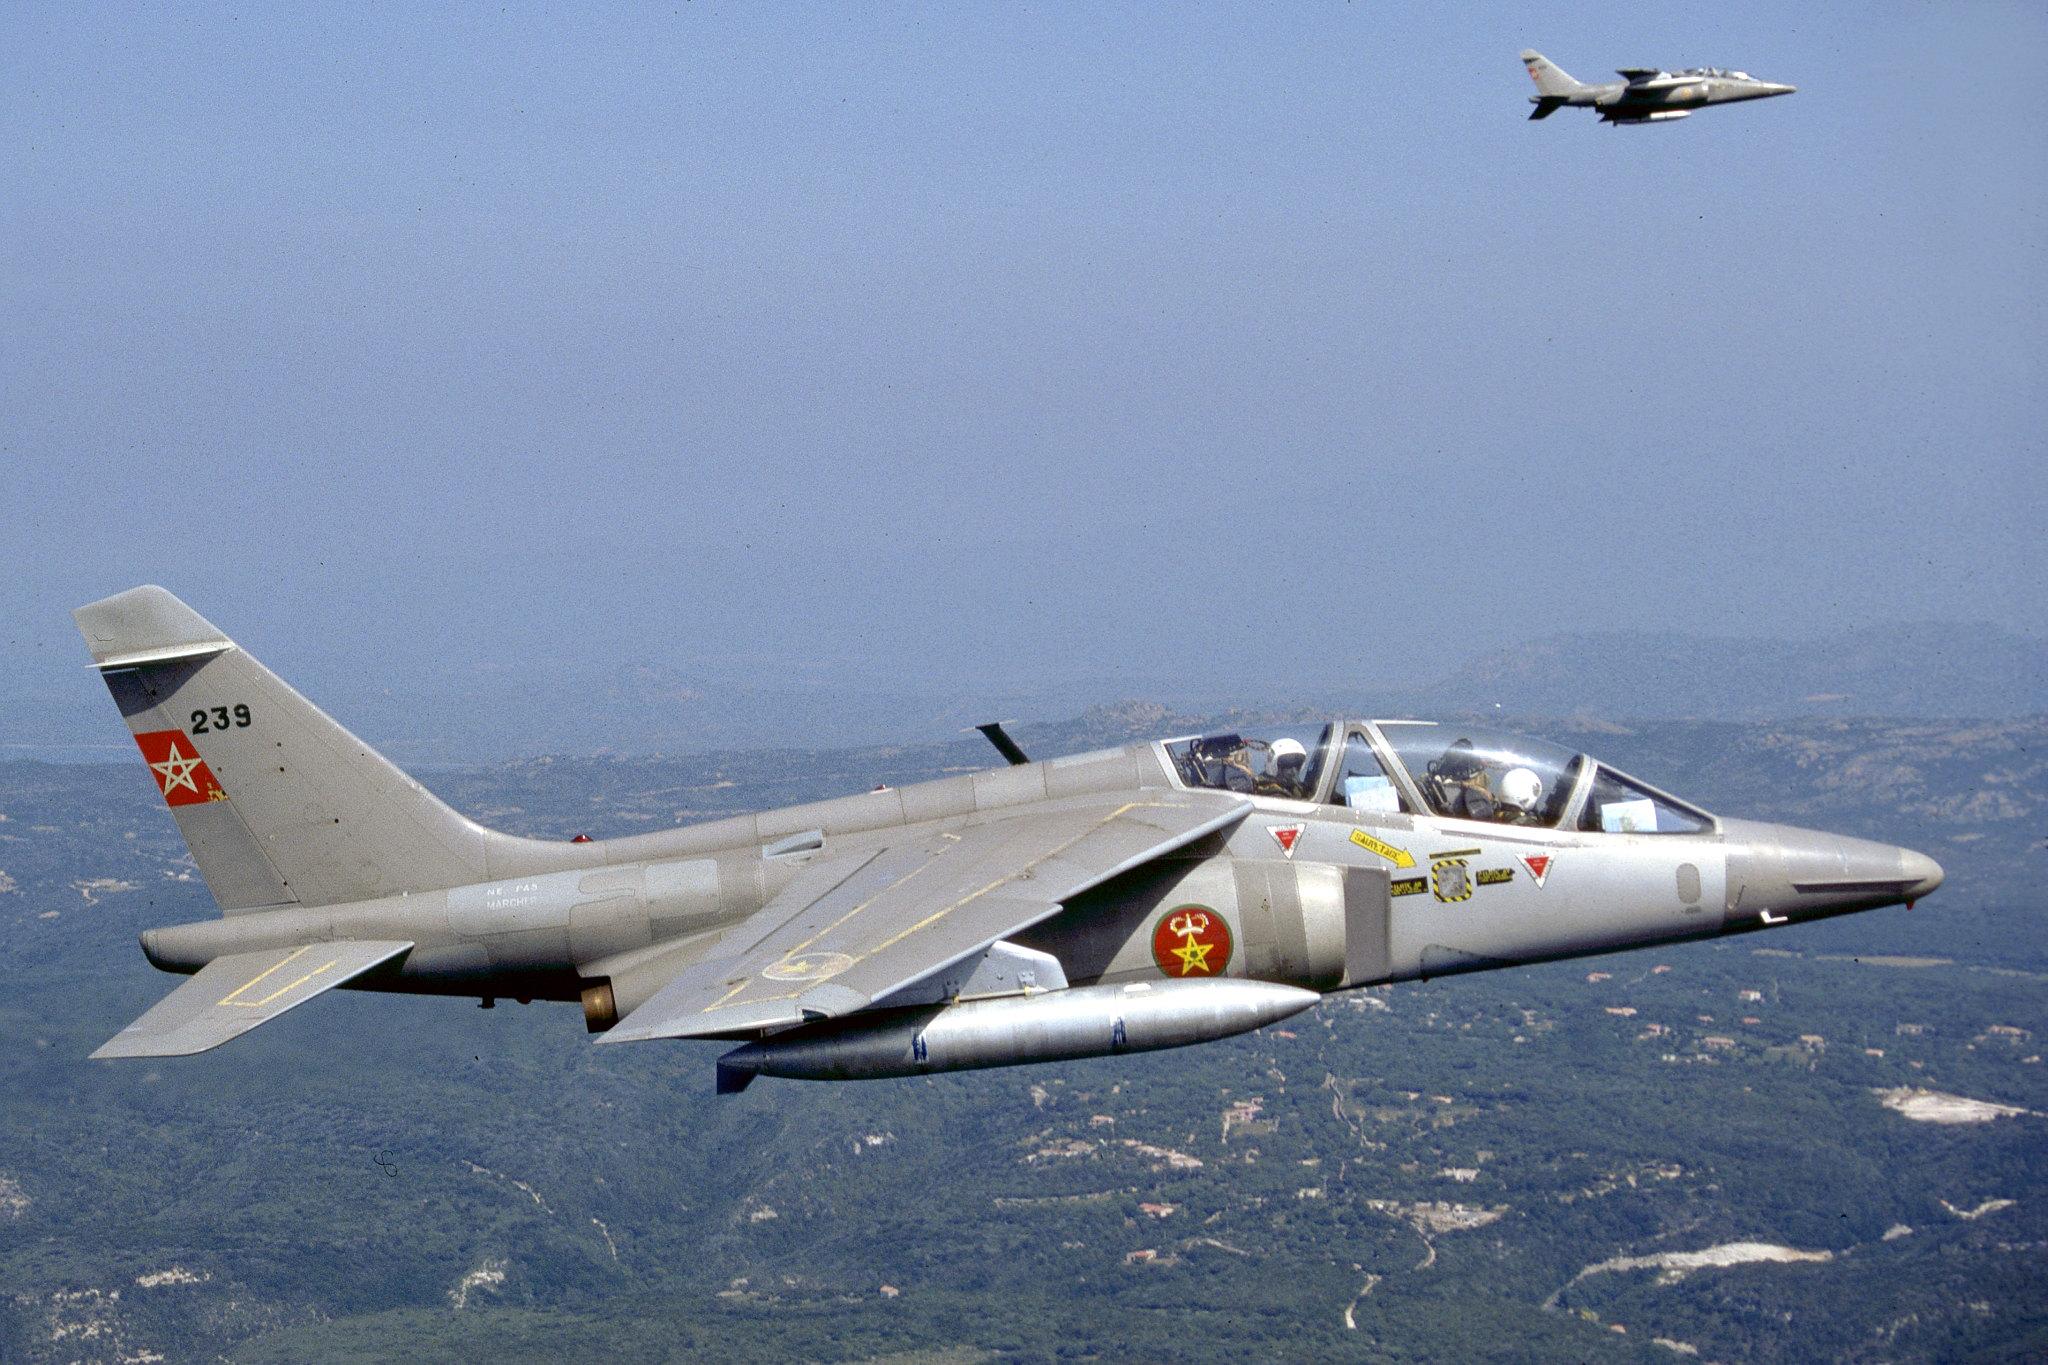 FRA: Photos avions d'entrainement et anti insurrection - Page 9 48921135743_7af7725585_k